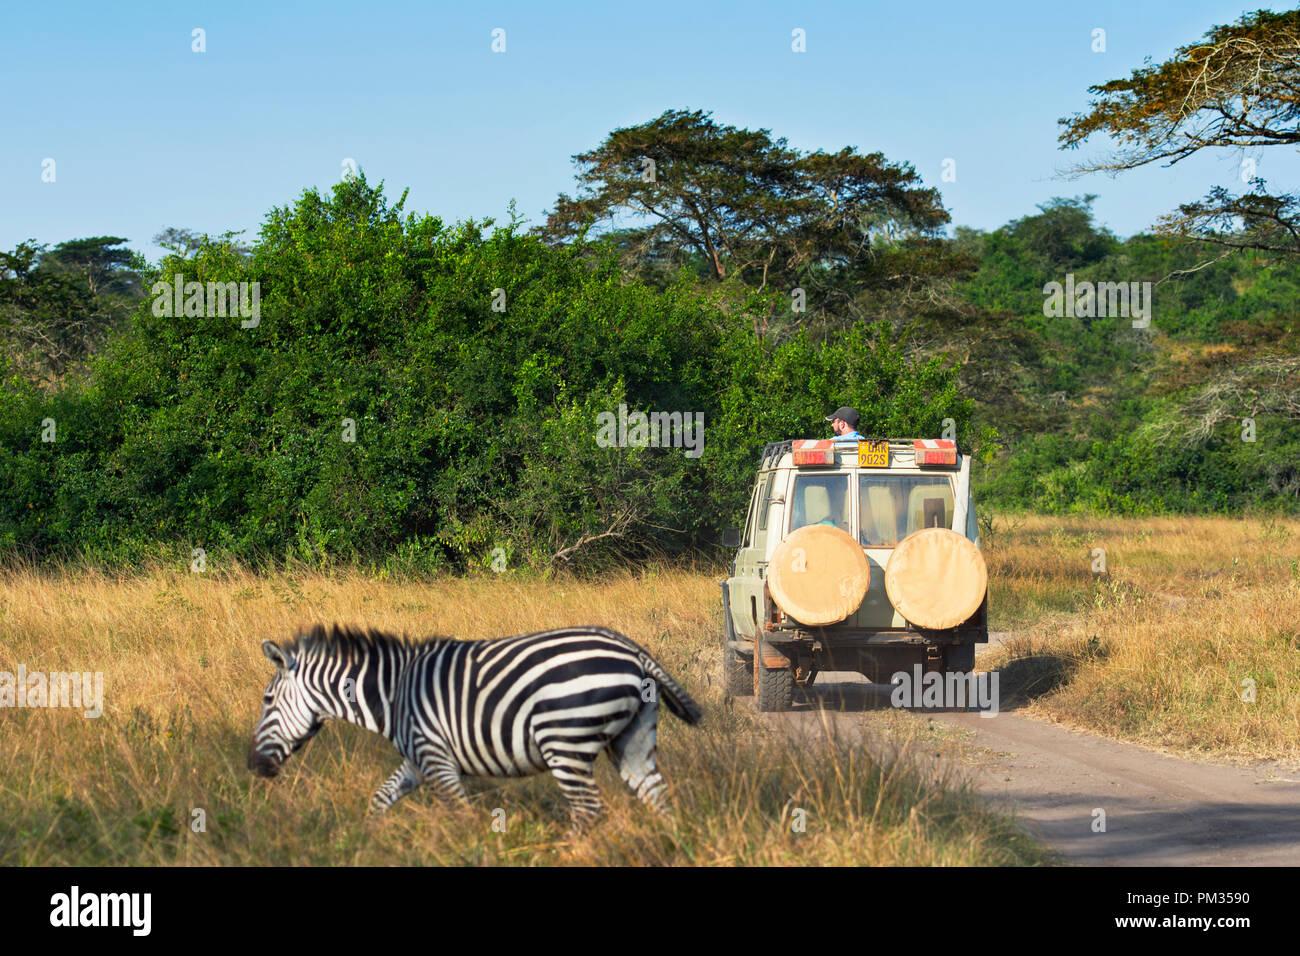 Safari Fahrzeug mit Touristen auf eine Pirschfahrt, Zebra, Vergangenheit und 4X4 Safari Fahrzeug Stockbild